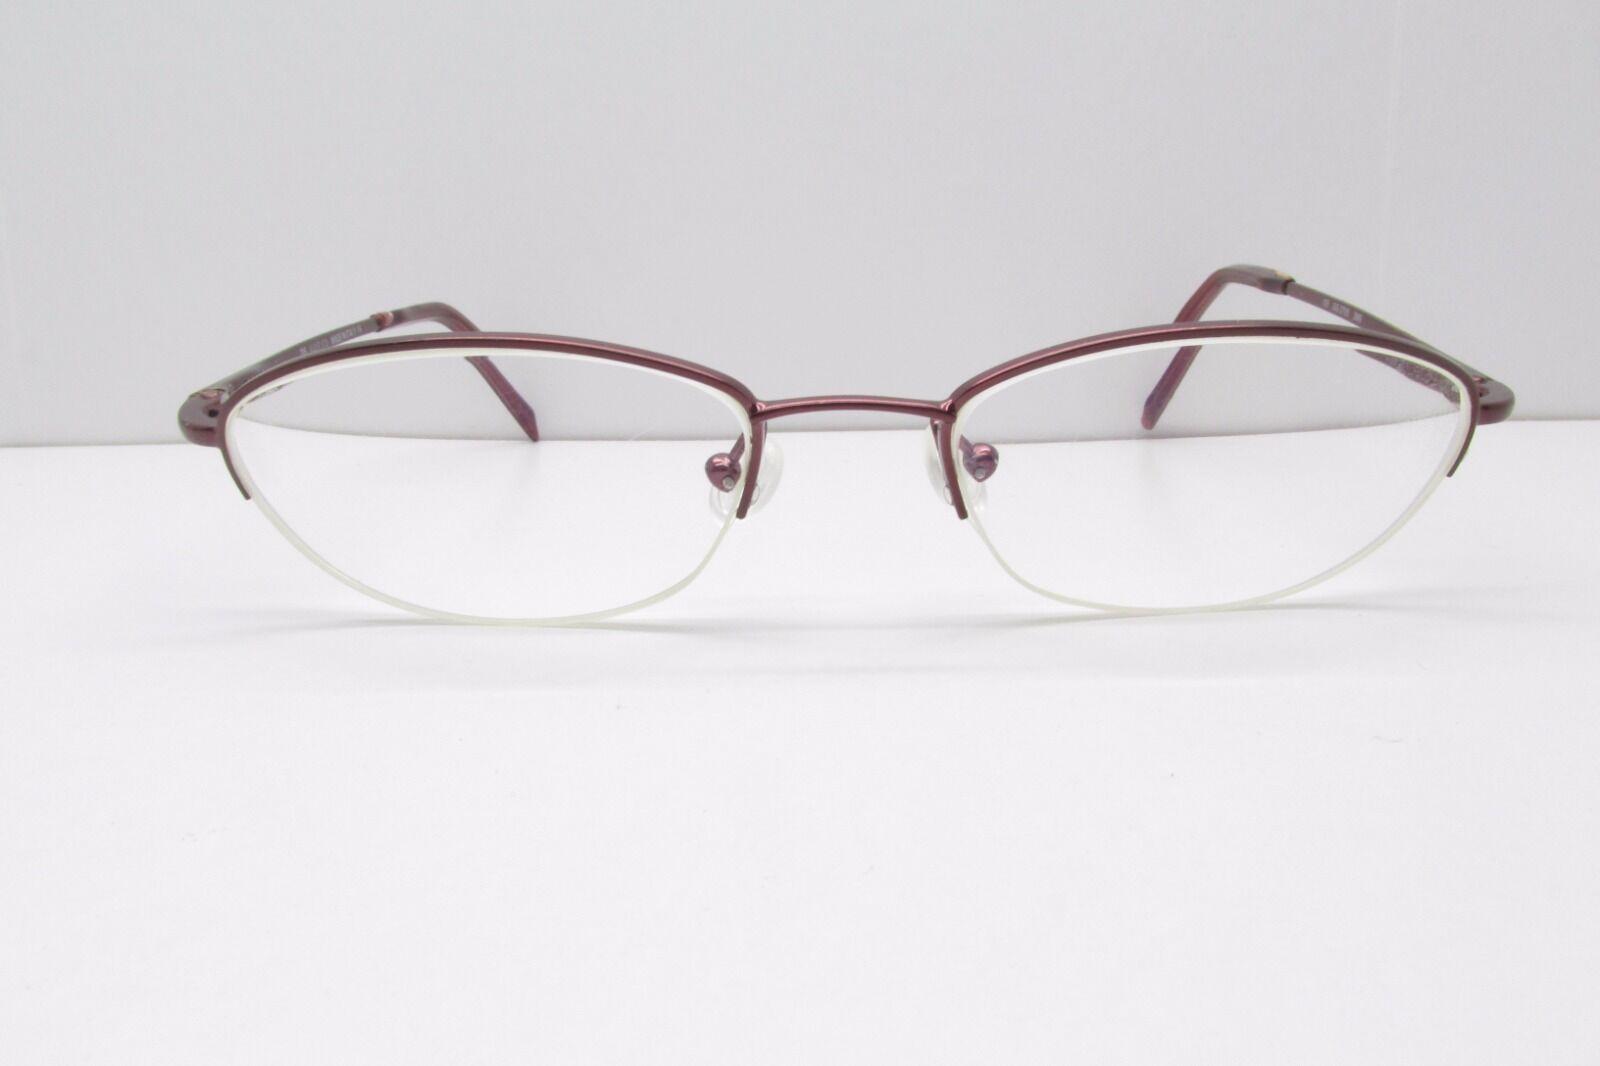 d82ee76a7e3 Gucci Eyeglass Frames GG2705 624 Gray Metal Half Rim Rectangular 50 ...